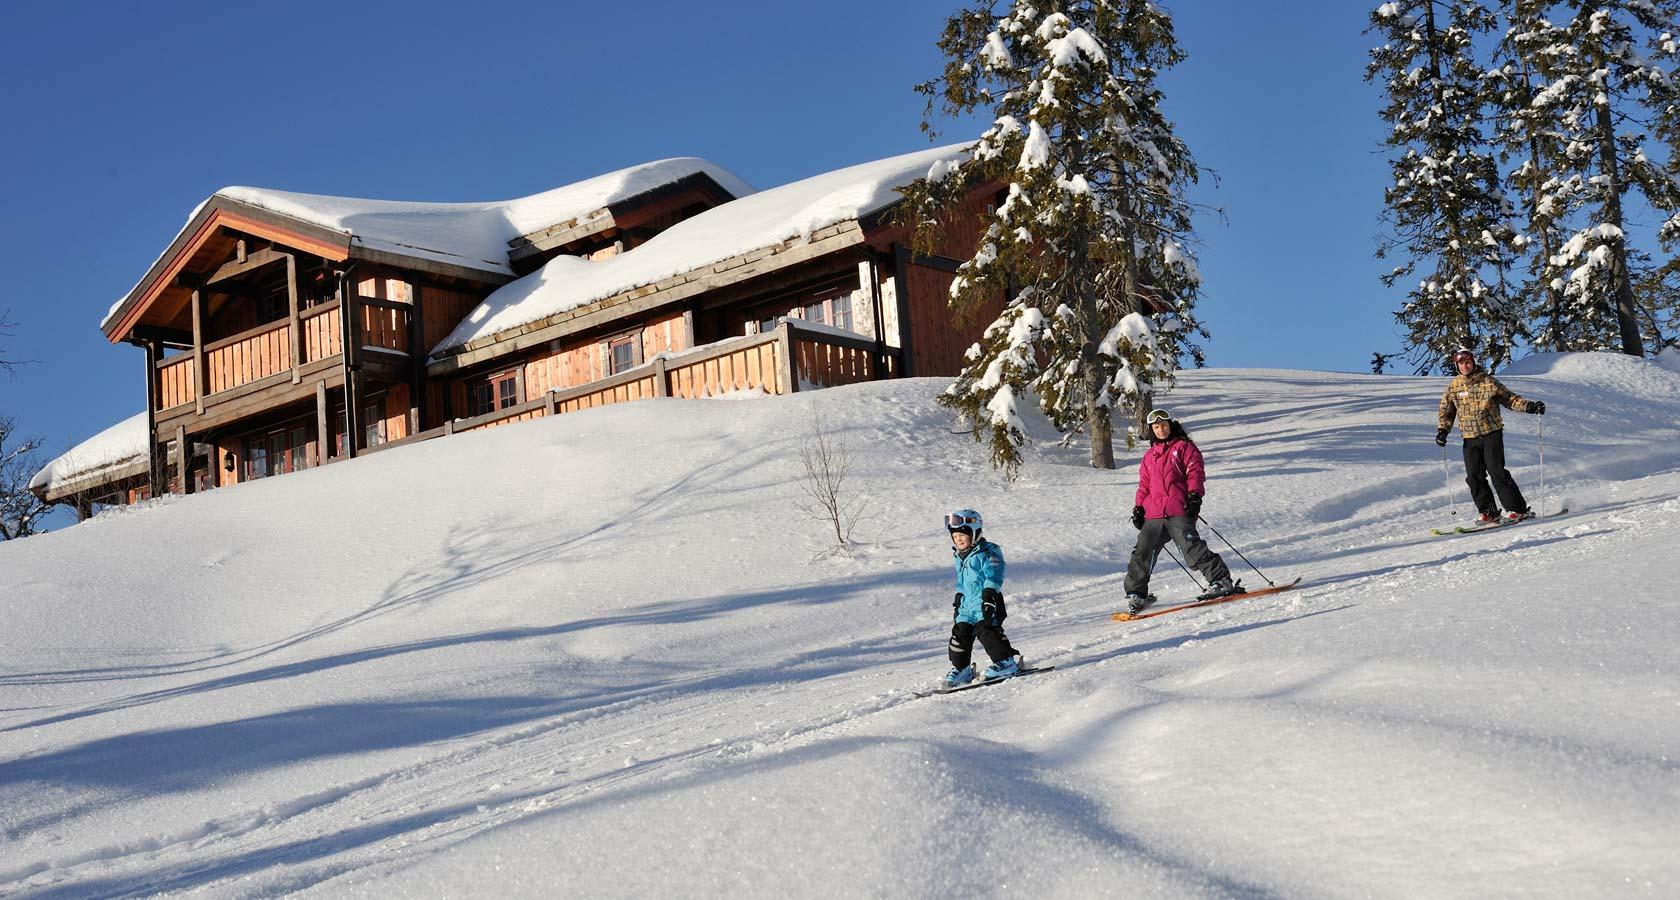 skiin.jpg